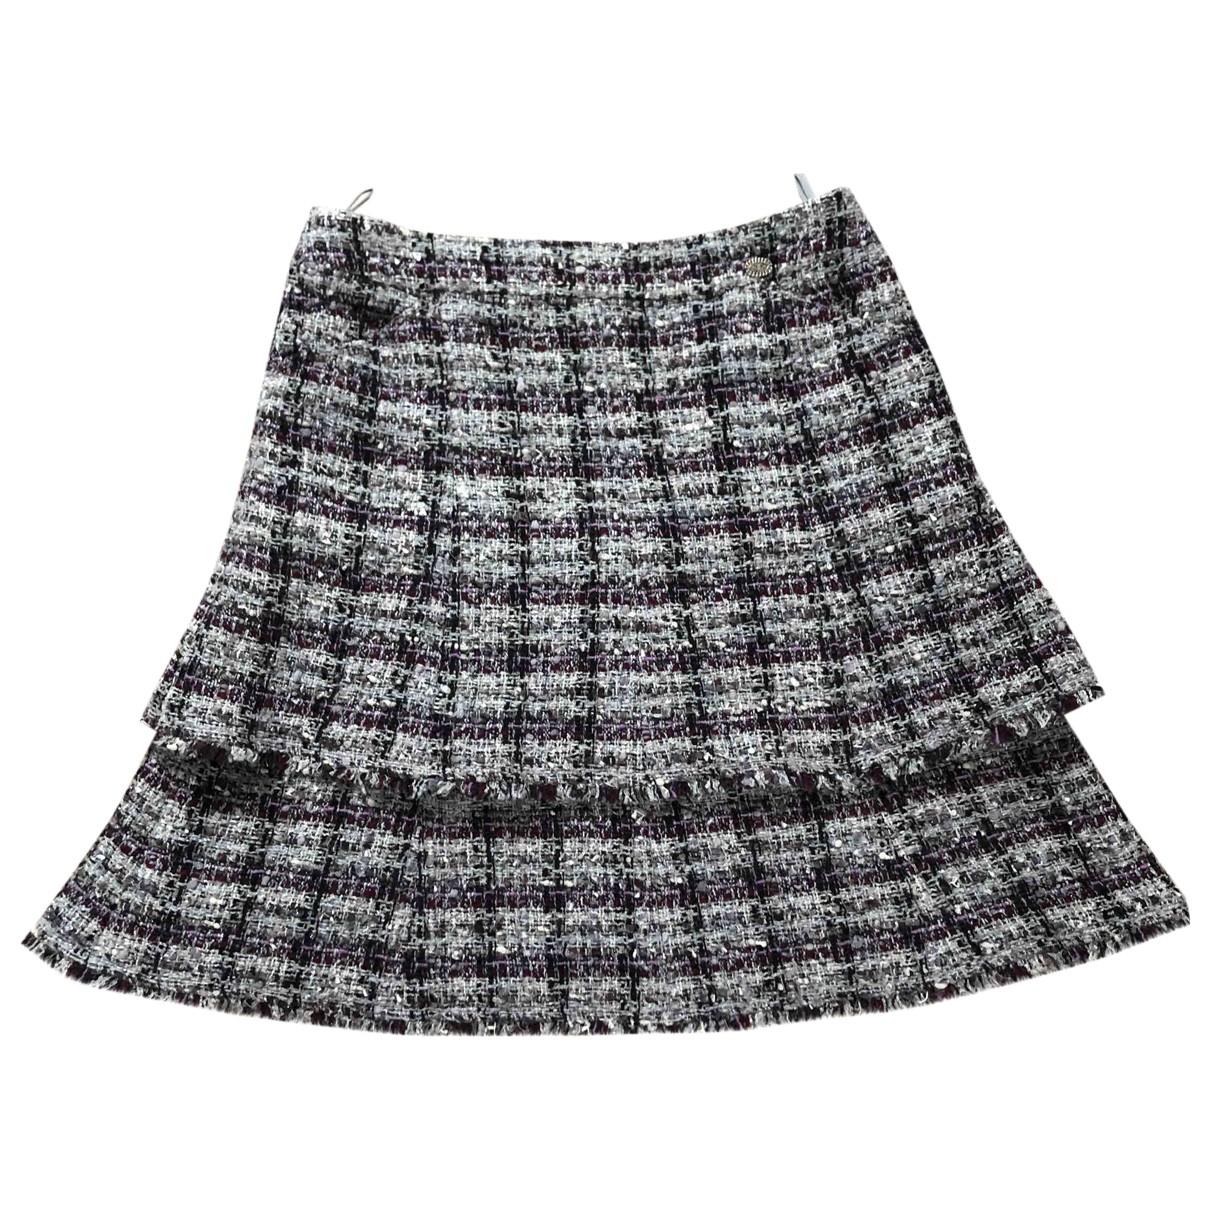 Chanel \N Multicolour Tweed skirt for Women 36 FR